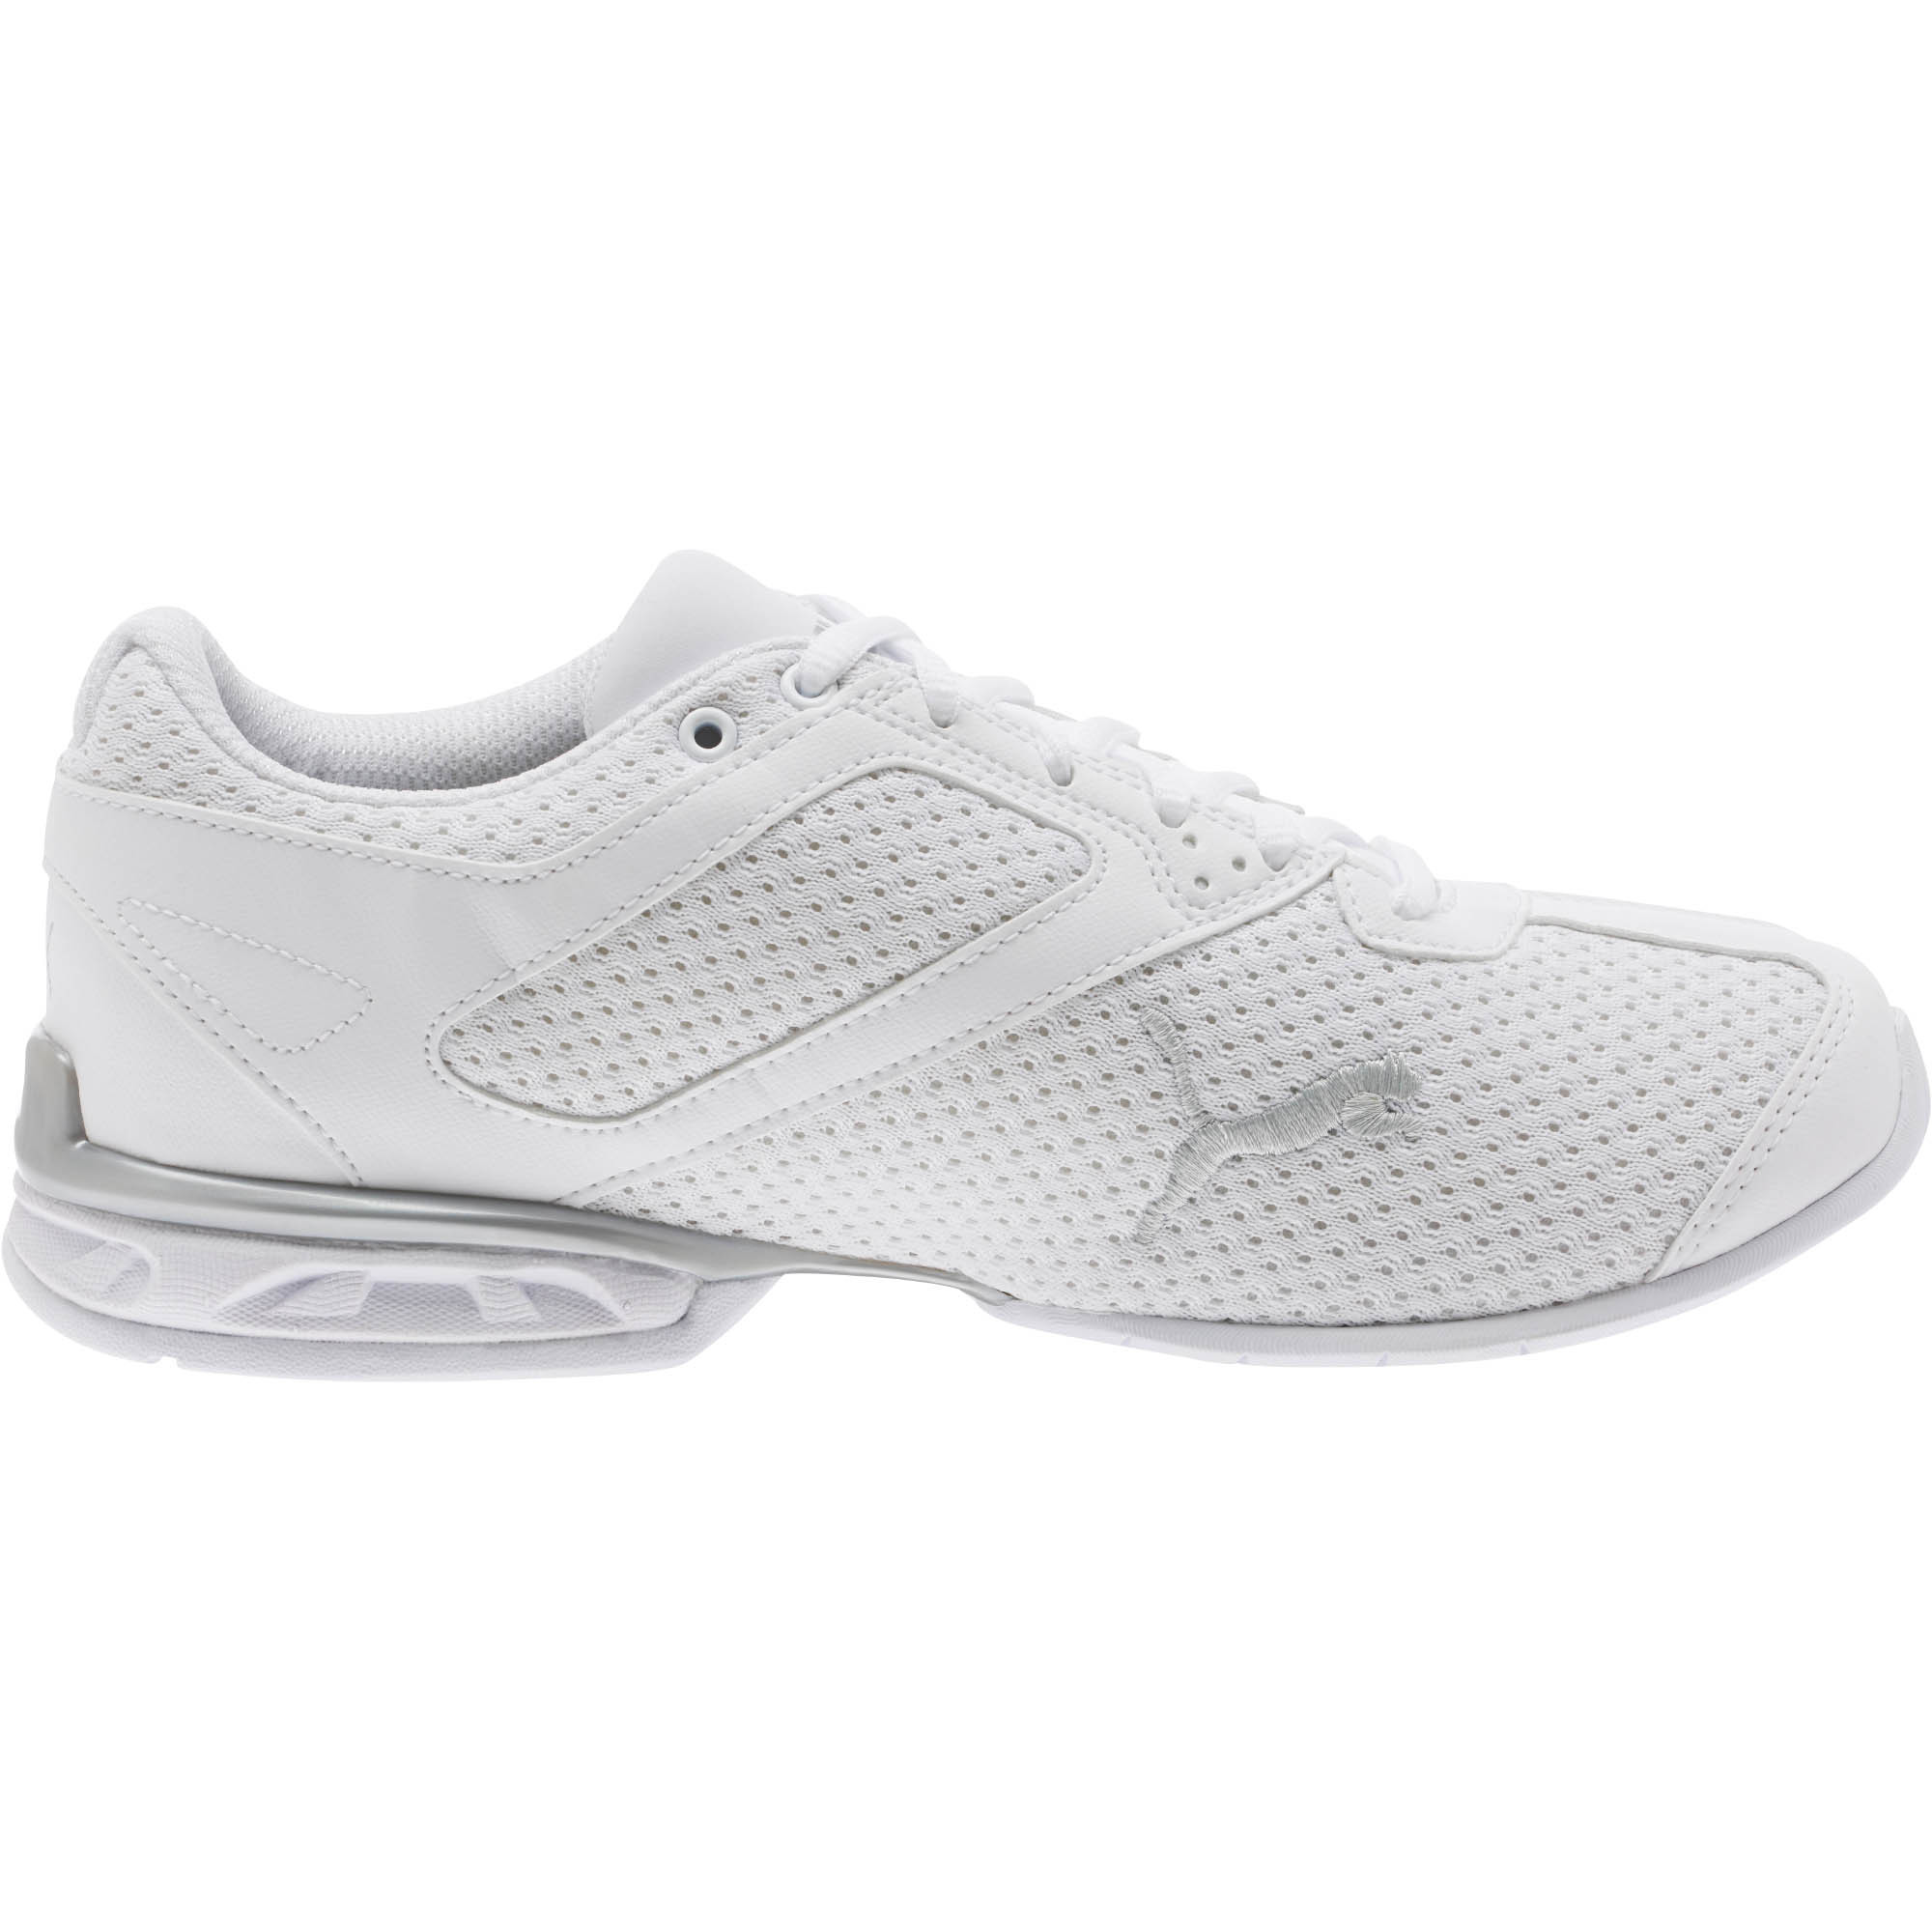 PUMA-Tazon-6-Knit-Women-s-Sneakers-Women-Shoe-Running thumbnail 5